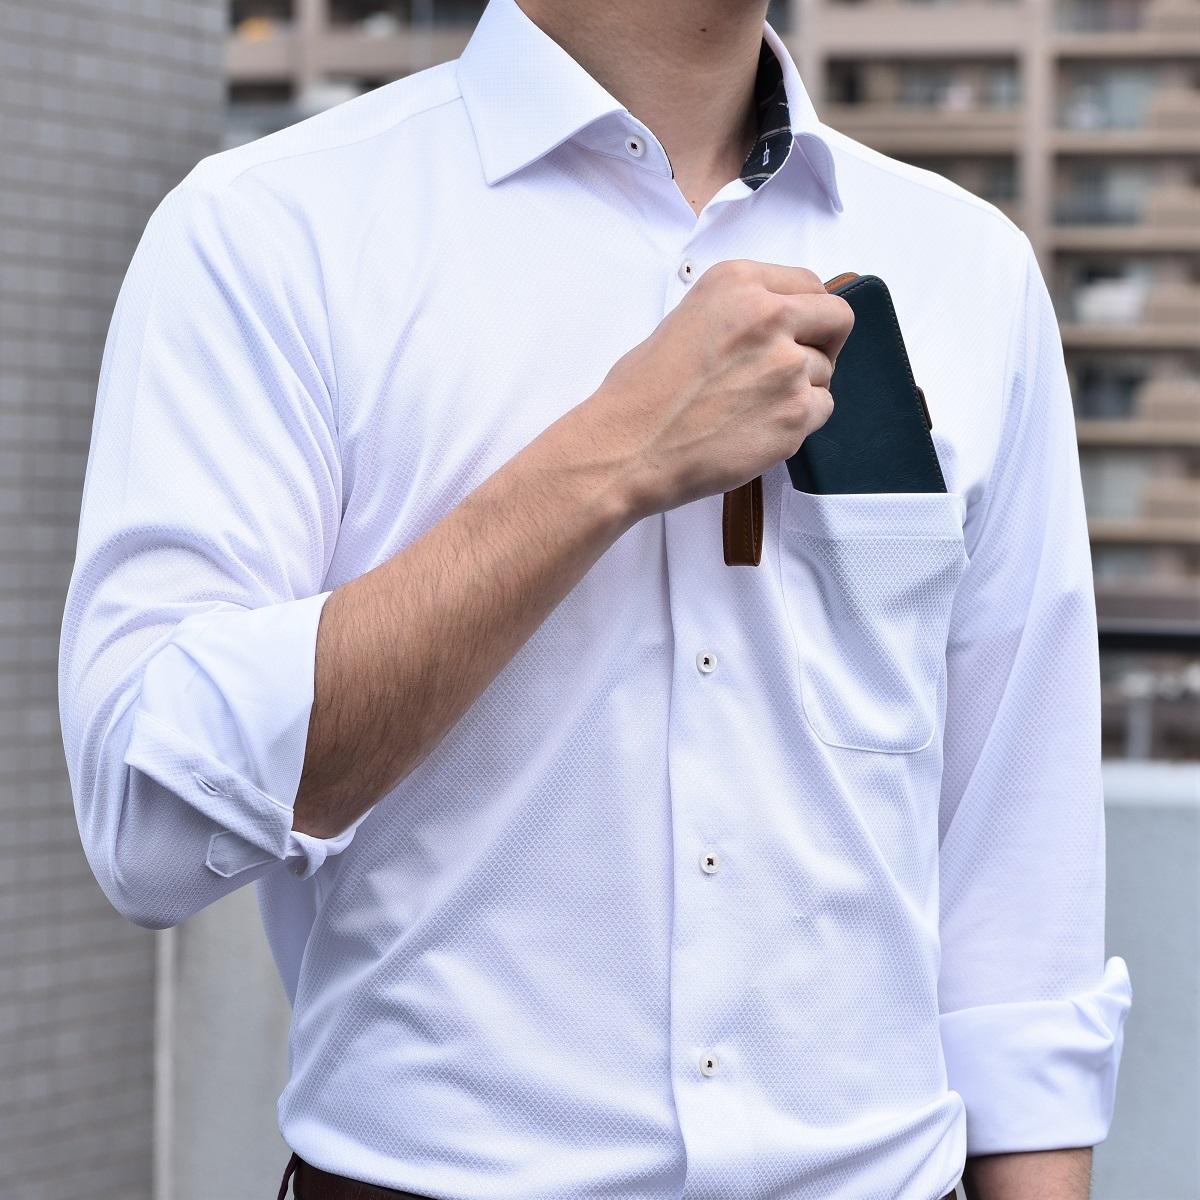 【日本製】伸び~るストレッチシャツ100%ノーアイロン(ホワイト)